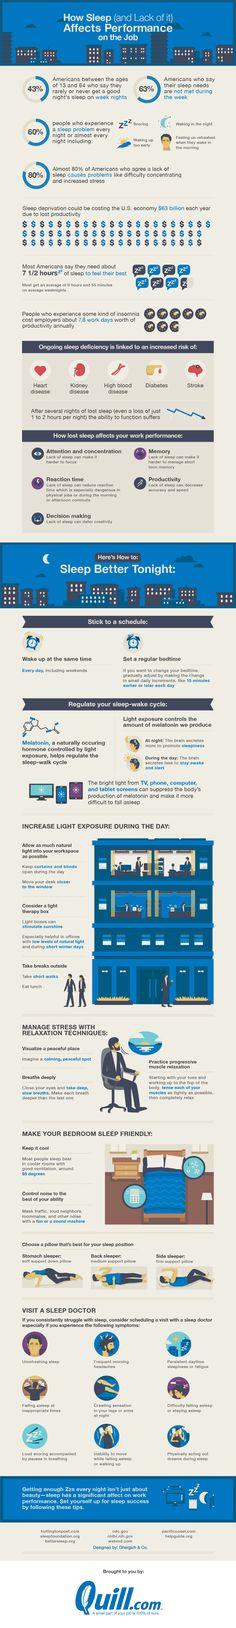 Welche Gefahren ein Schlafdefizit birgt und welche Gegenmaßnahmen man ergreifen kann, erklärt diese Infografik.